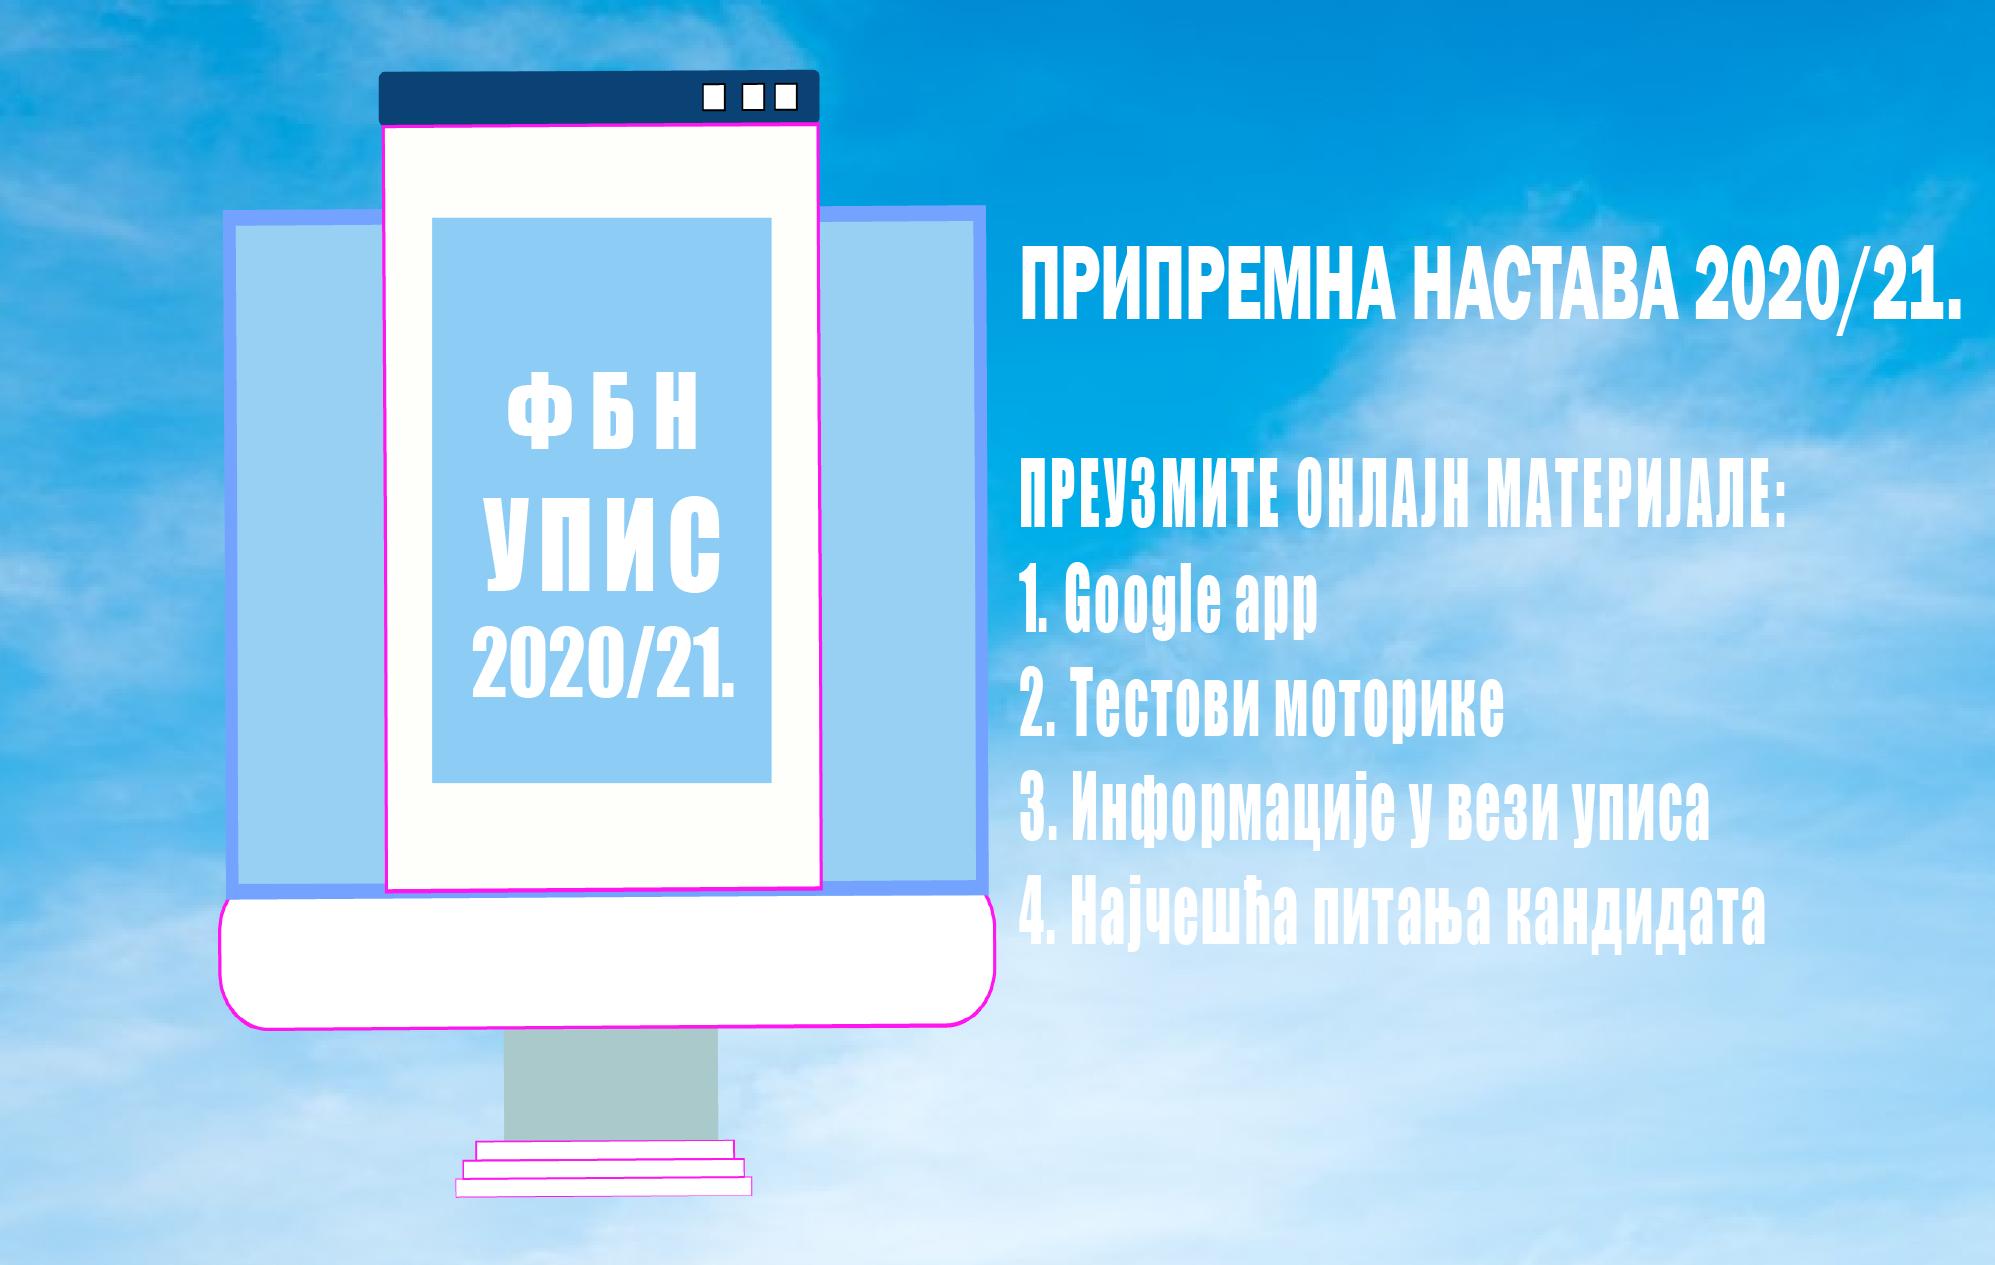 Pripremna nastava za upis u akademsku 2020/21. godinu